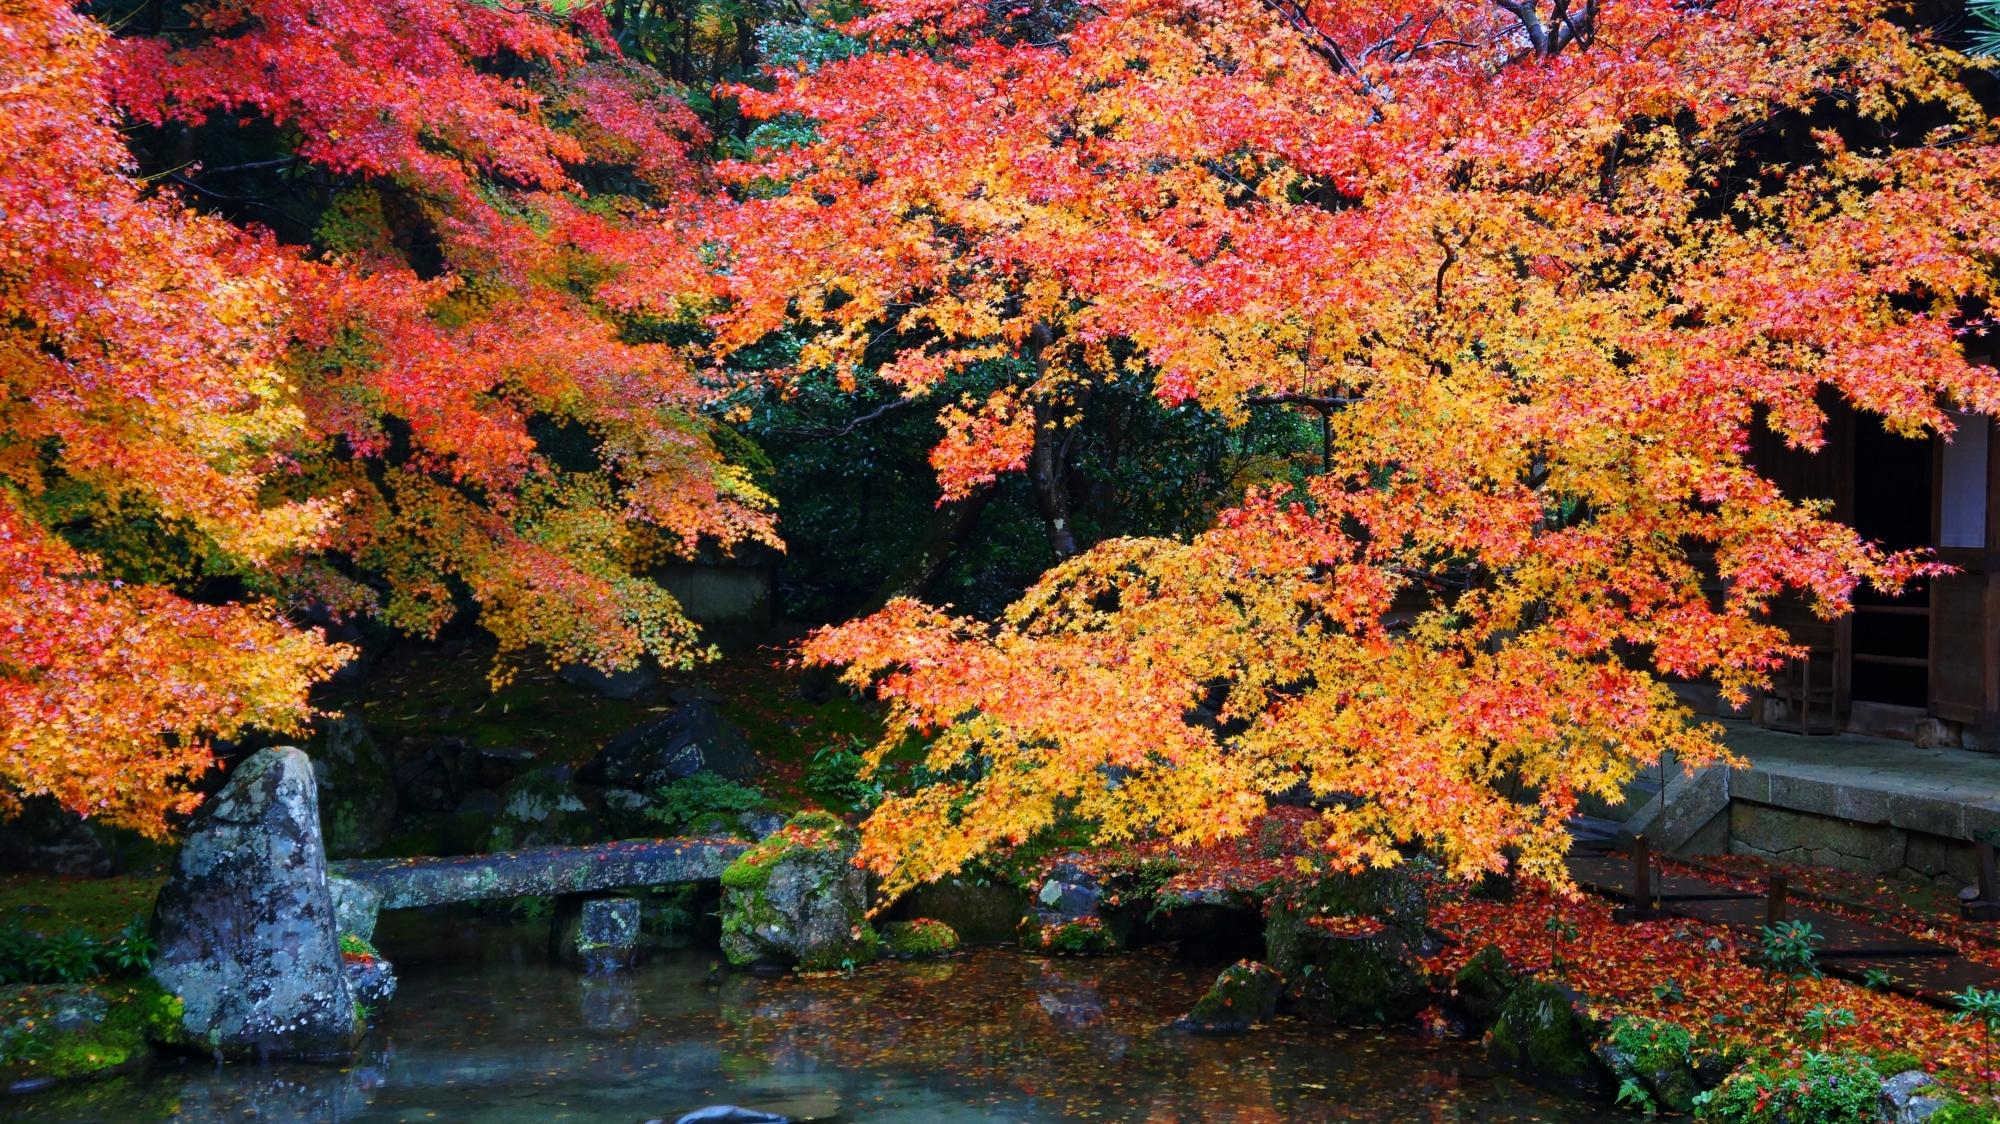 見事な秋の水辺の景色